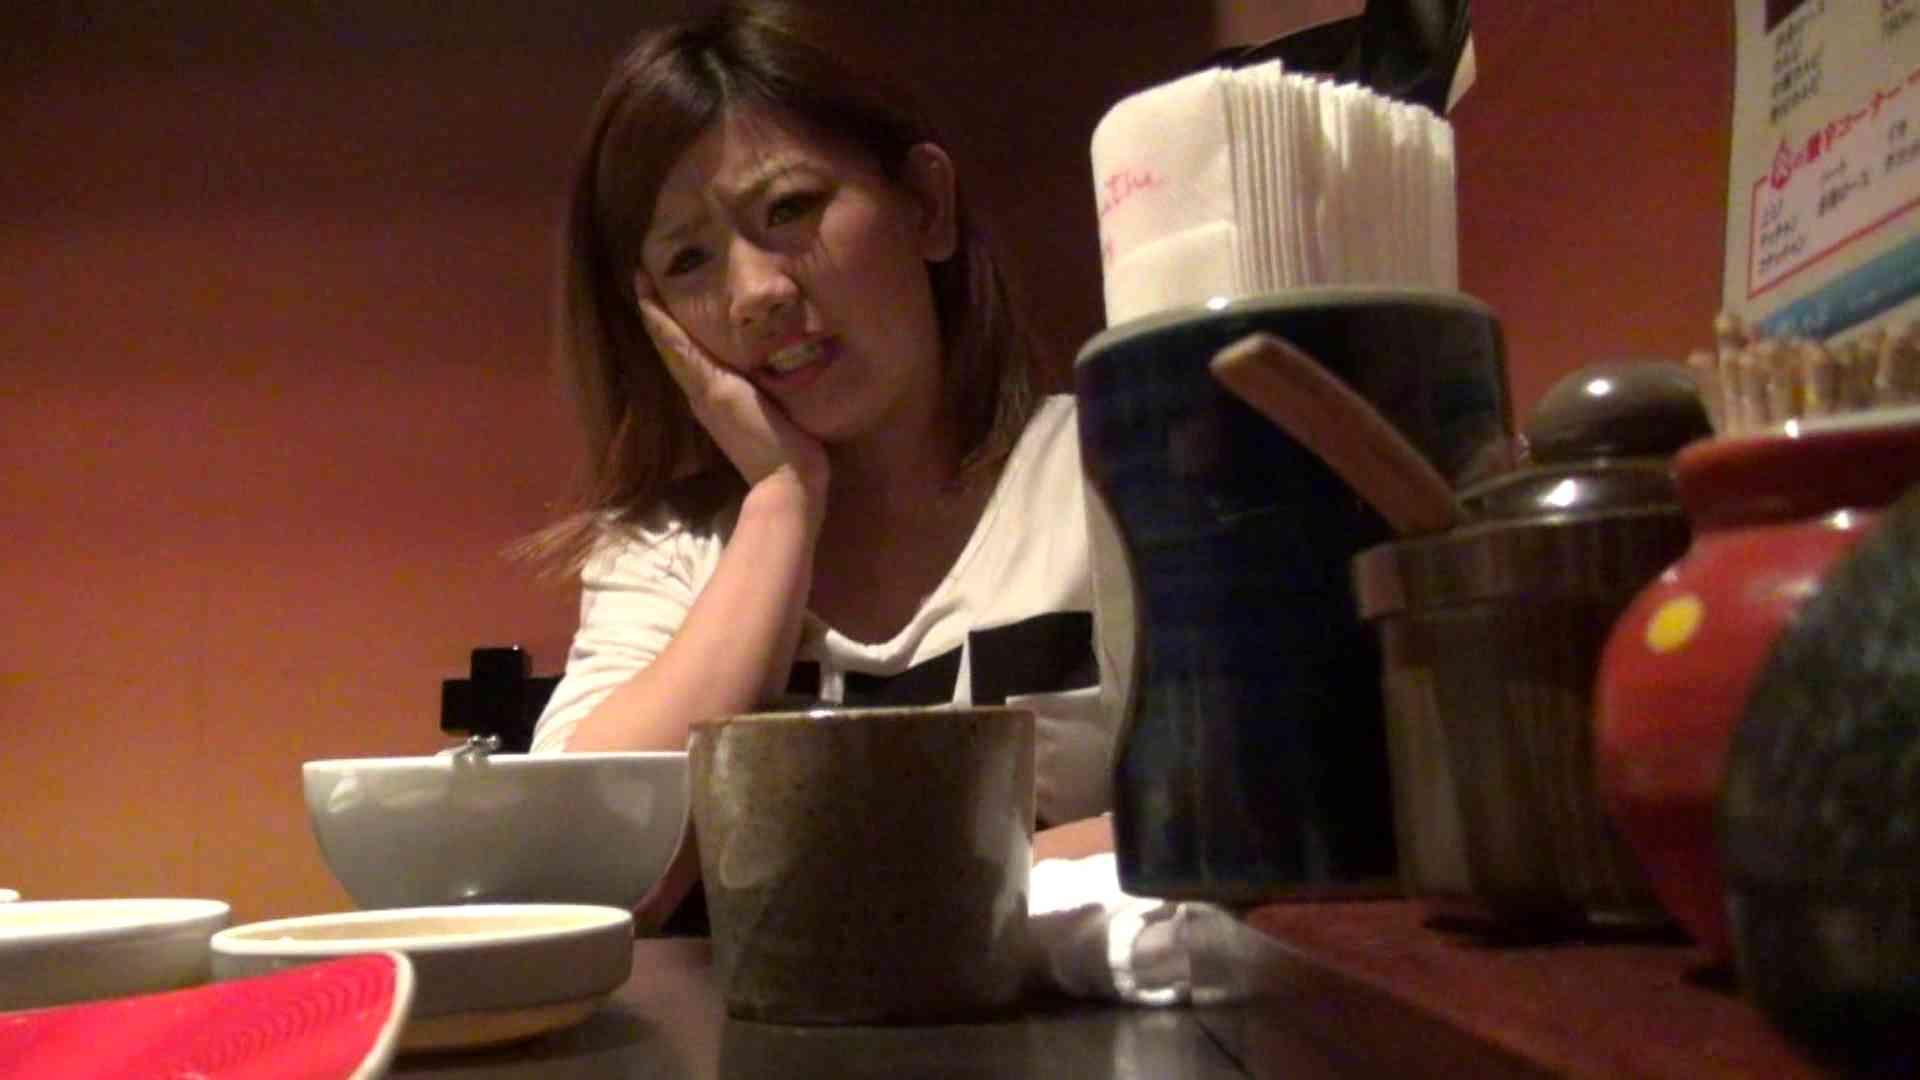 【出会い01】大助さんMちゃんと食事会 エッチすぎる友人   悪戯  54連発 47